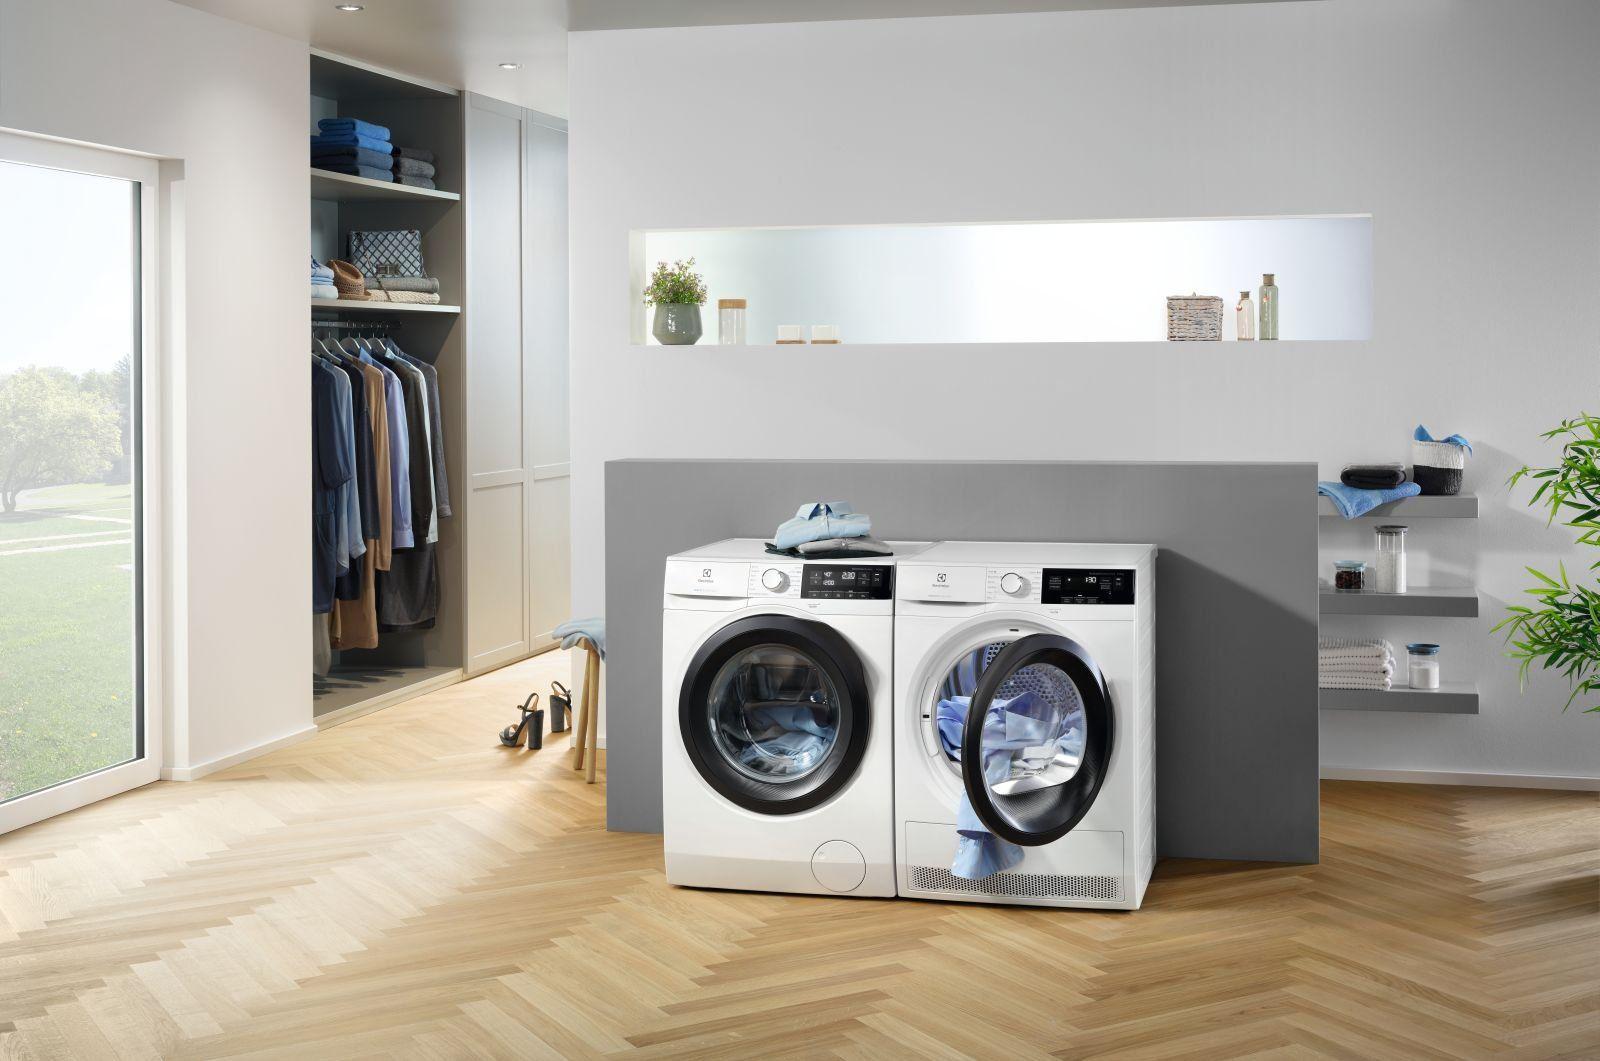 ТОП-5 стиральных машин марки Electrolux